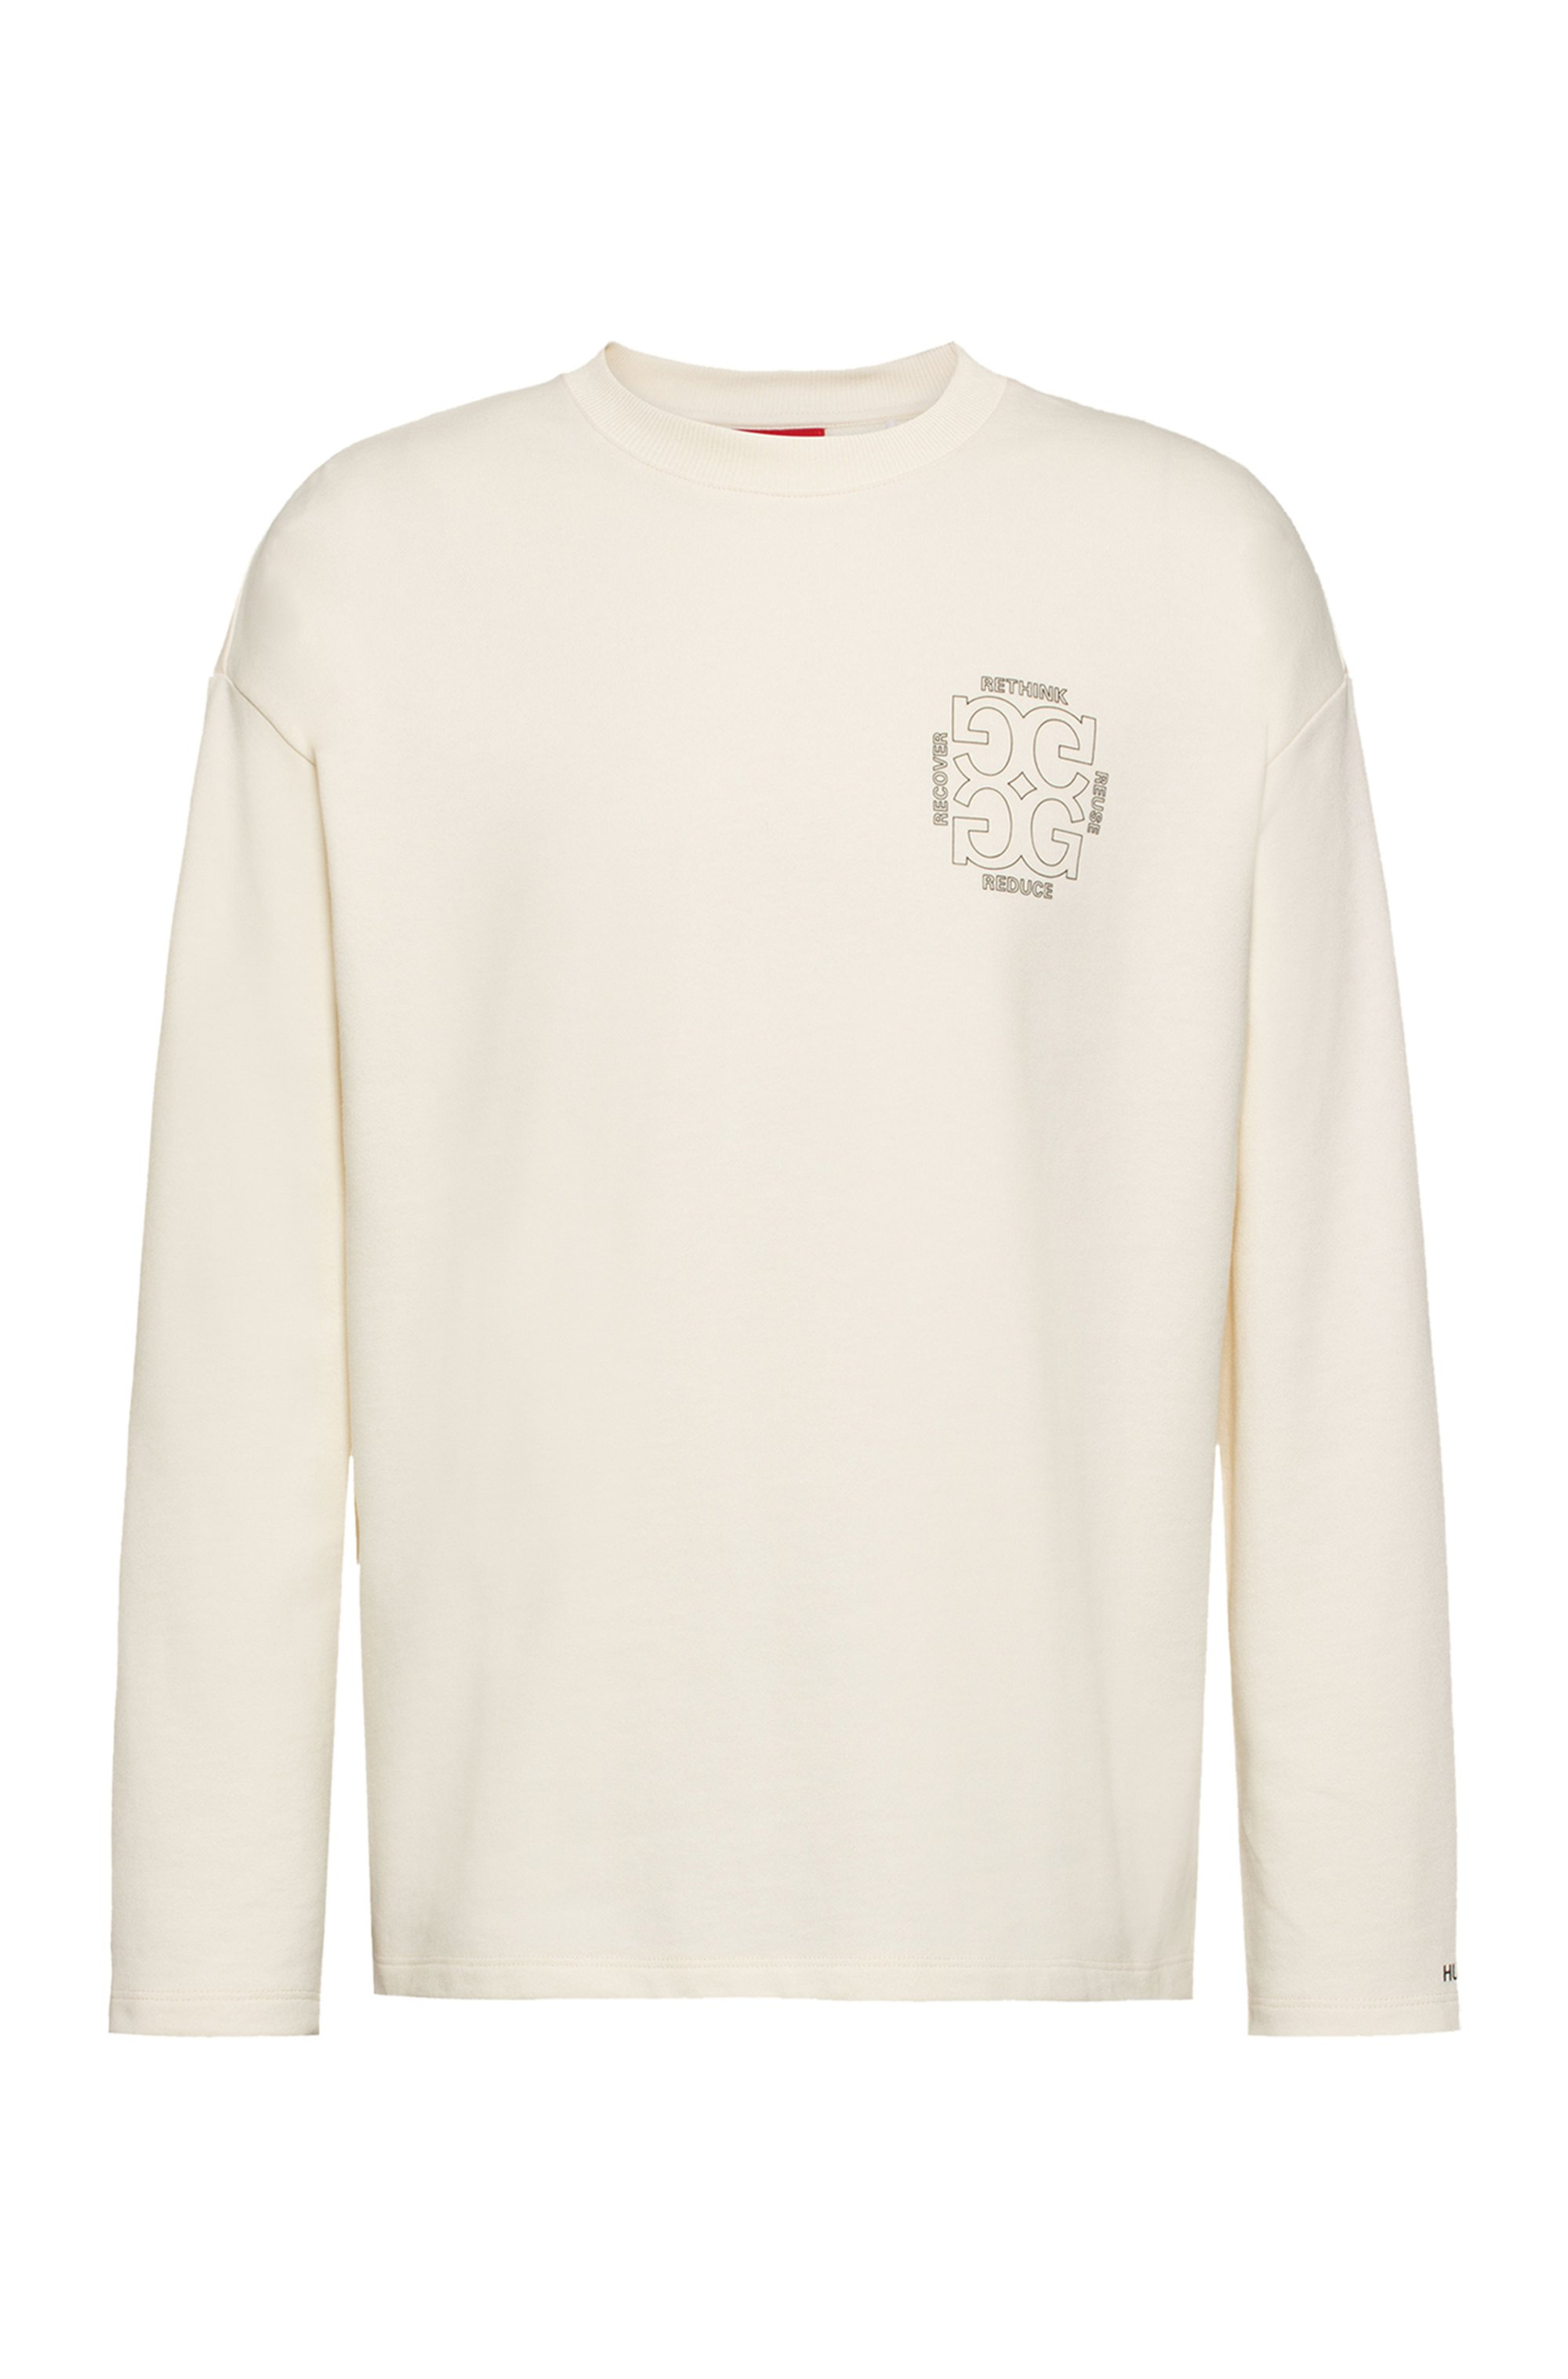 Sweat Regular Fit en coton recot²® avec motif artistique au dos, Blanc